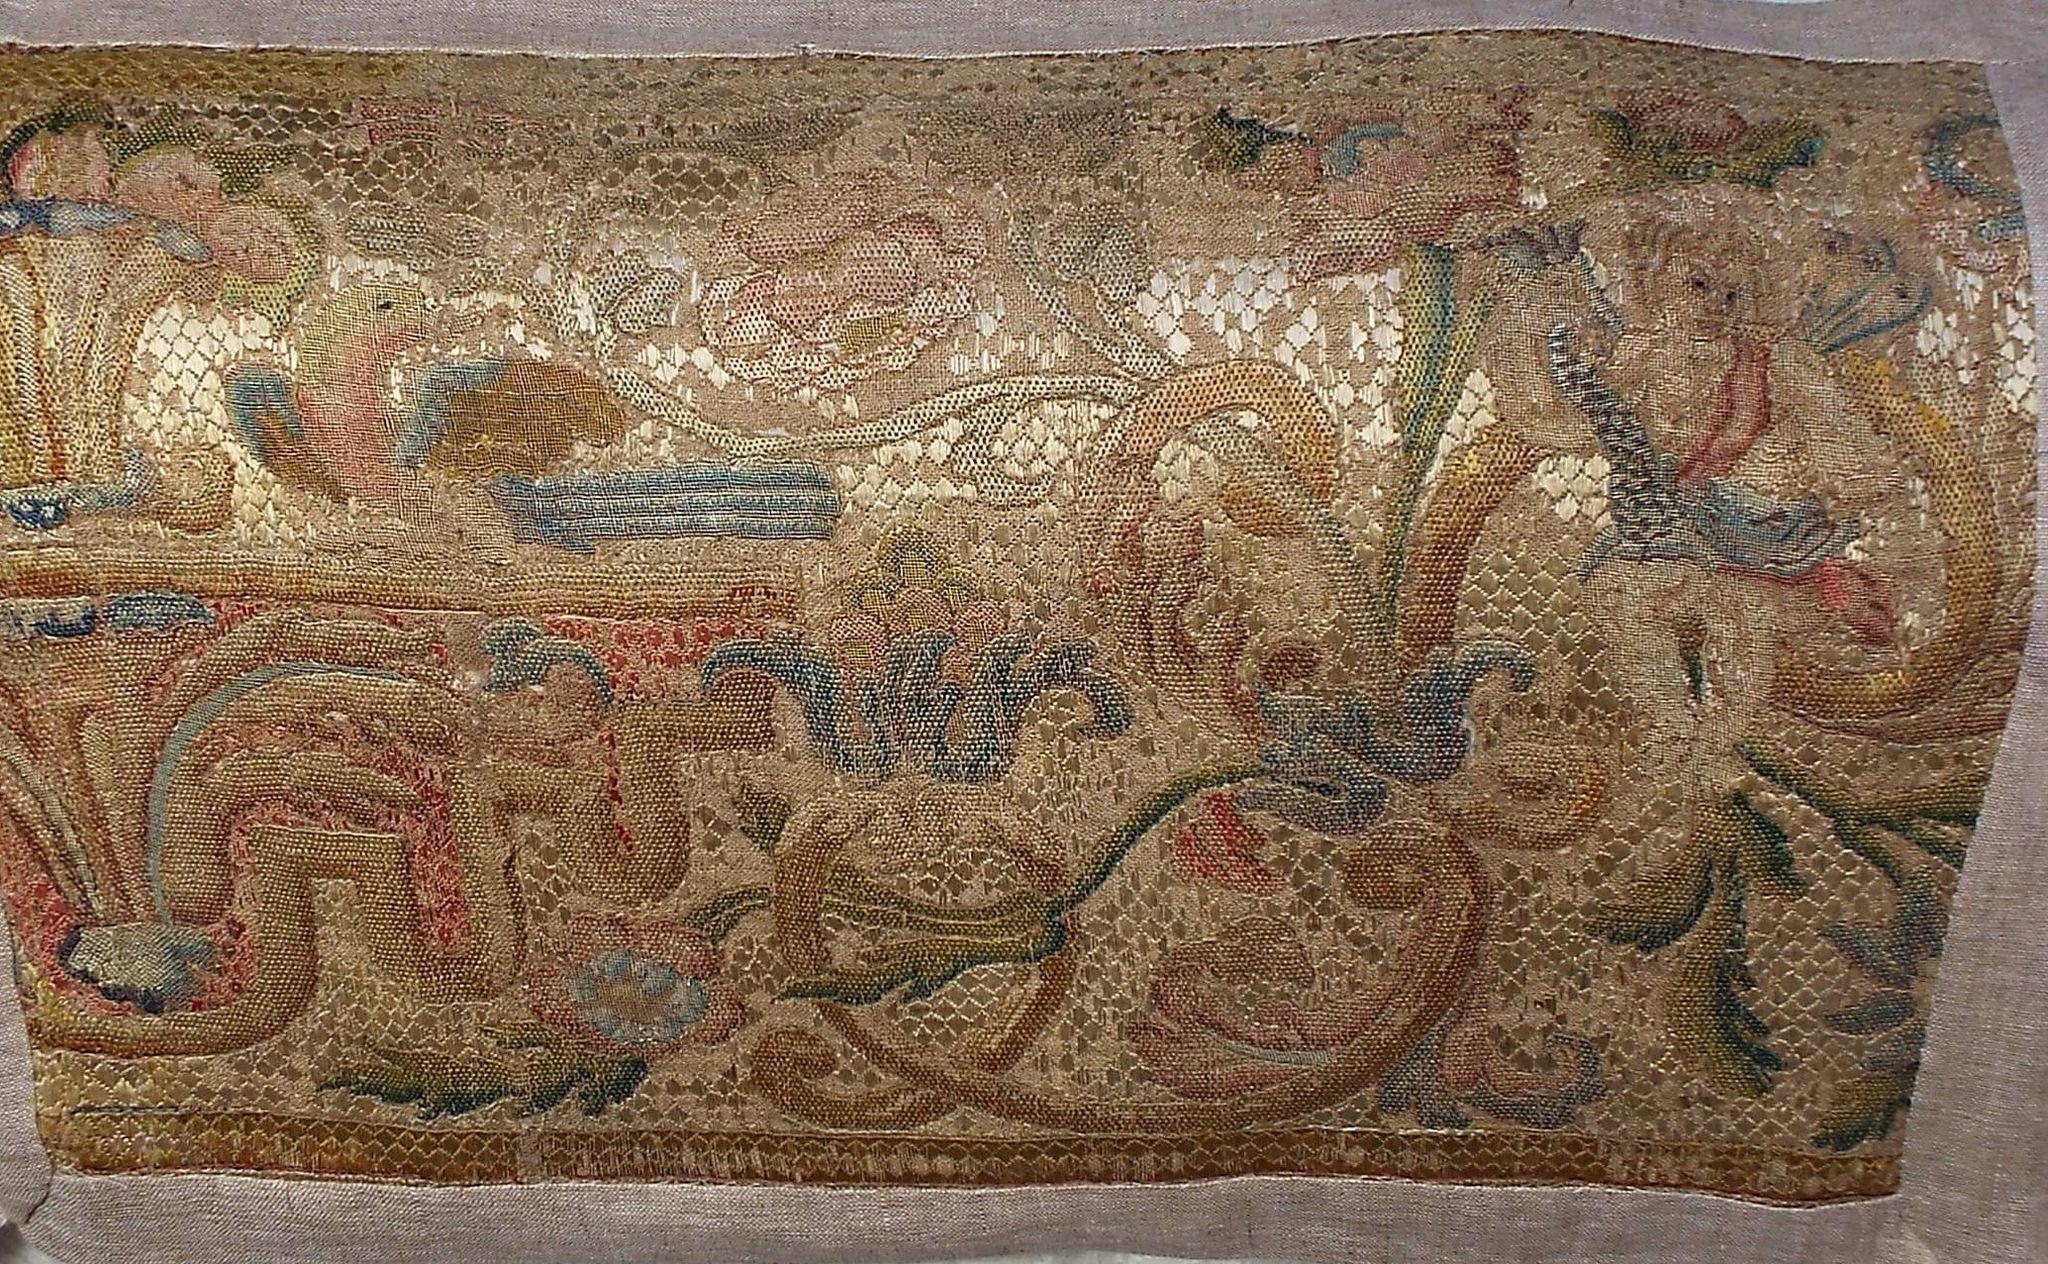 17th Century Italian Embroidered Figural Panel Cherub and Dove